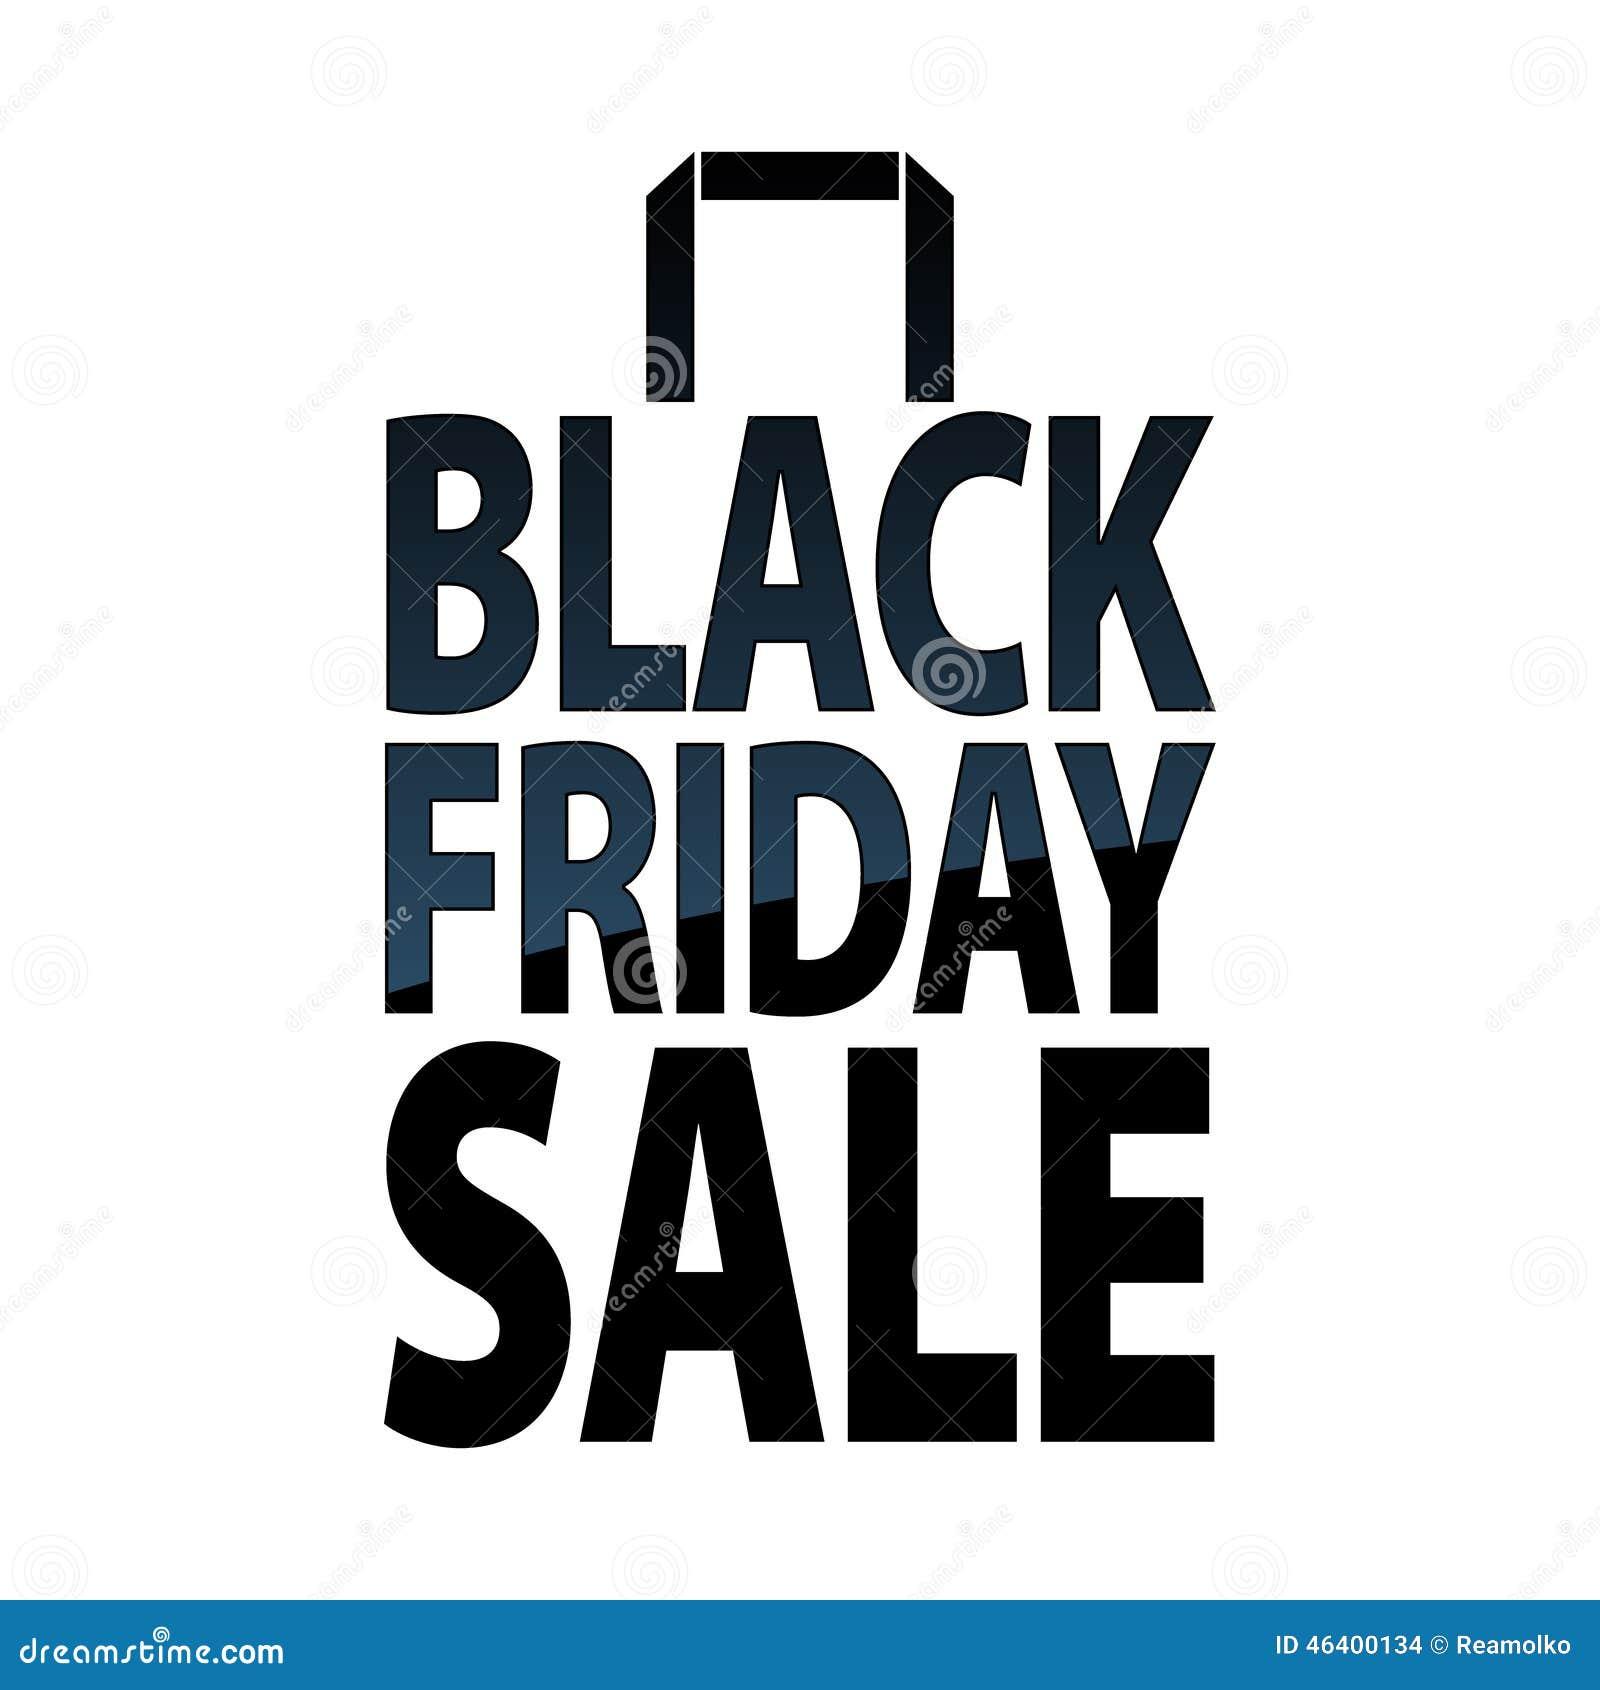 black friday sale paper for kmart